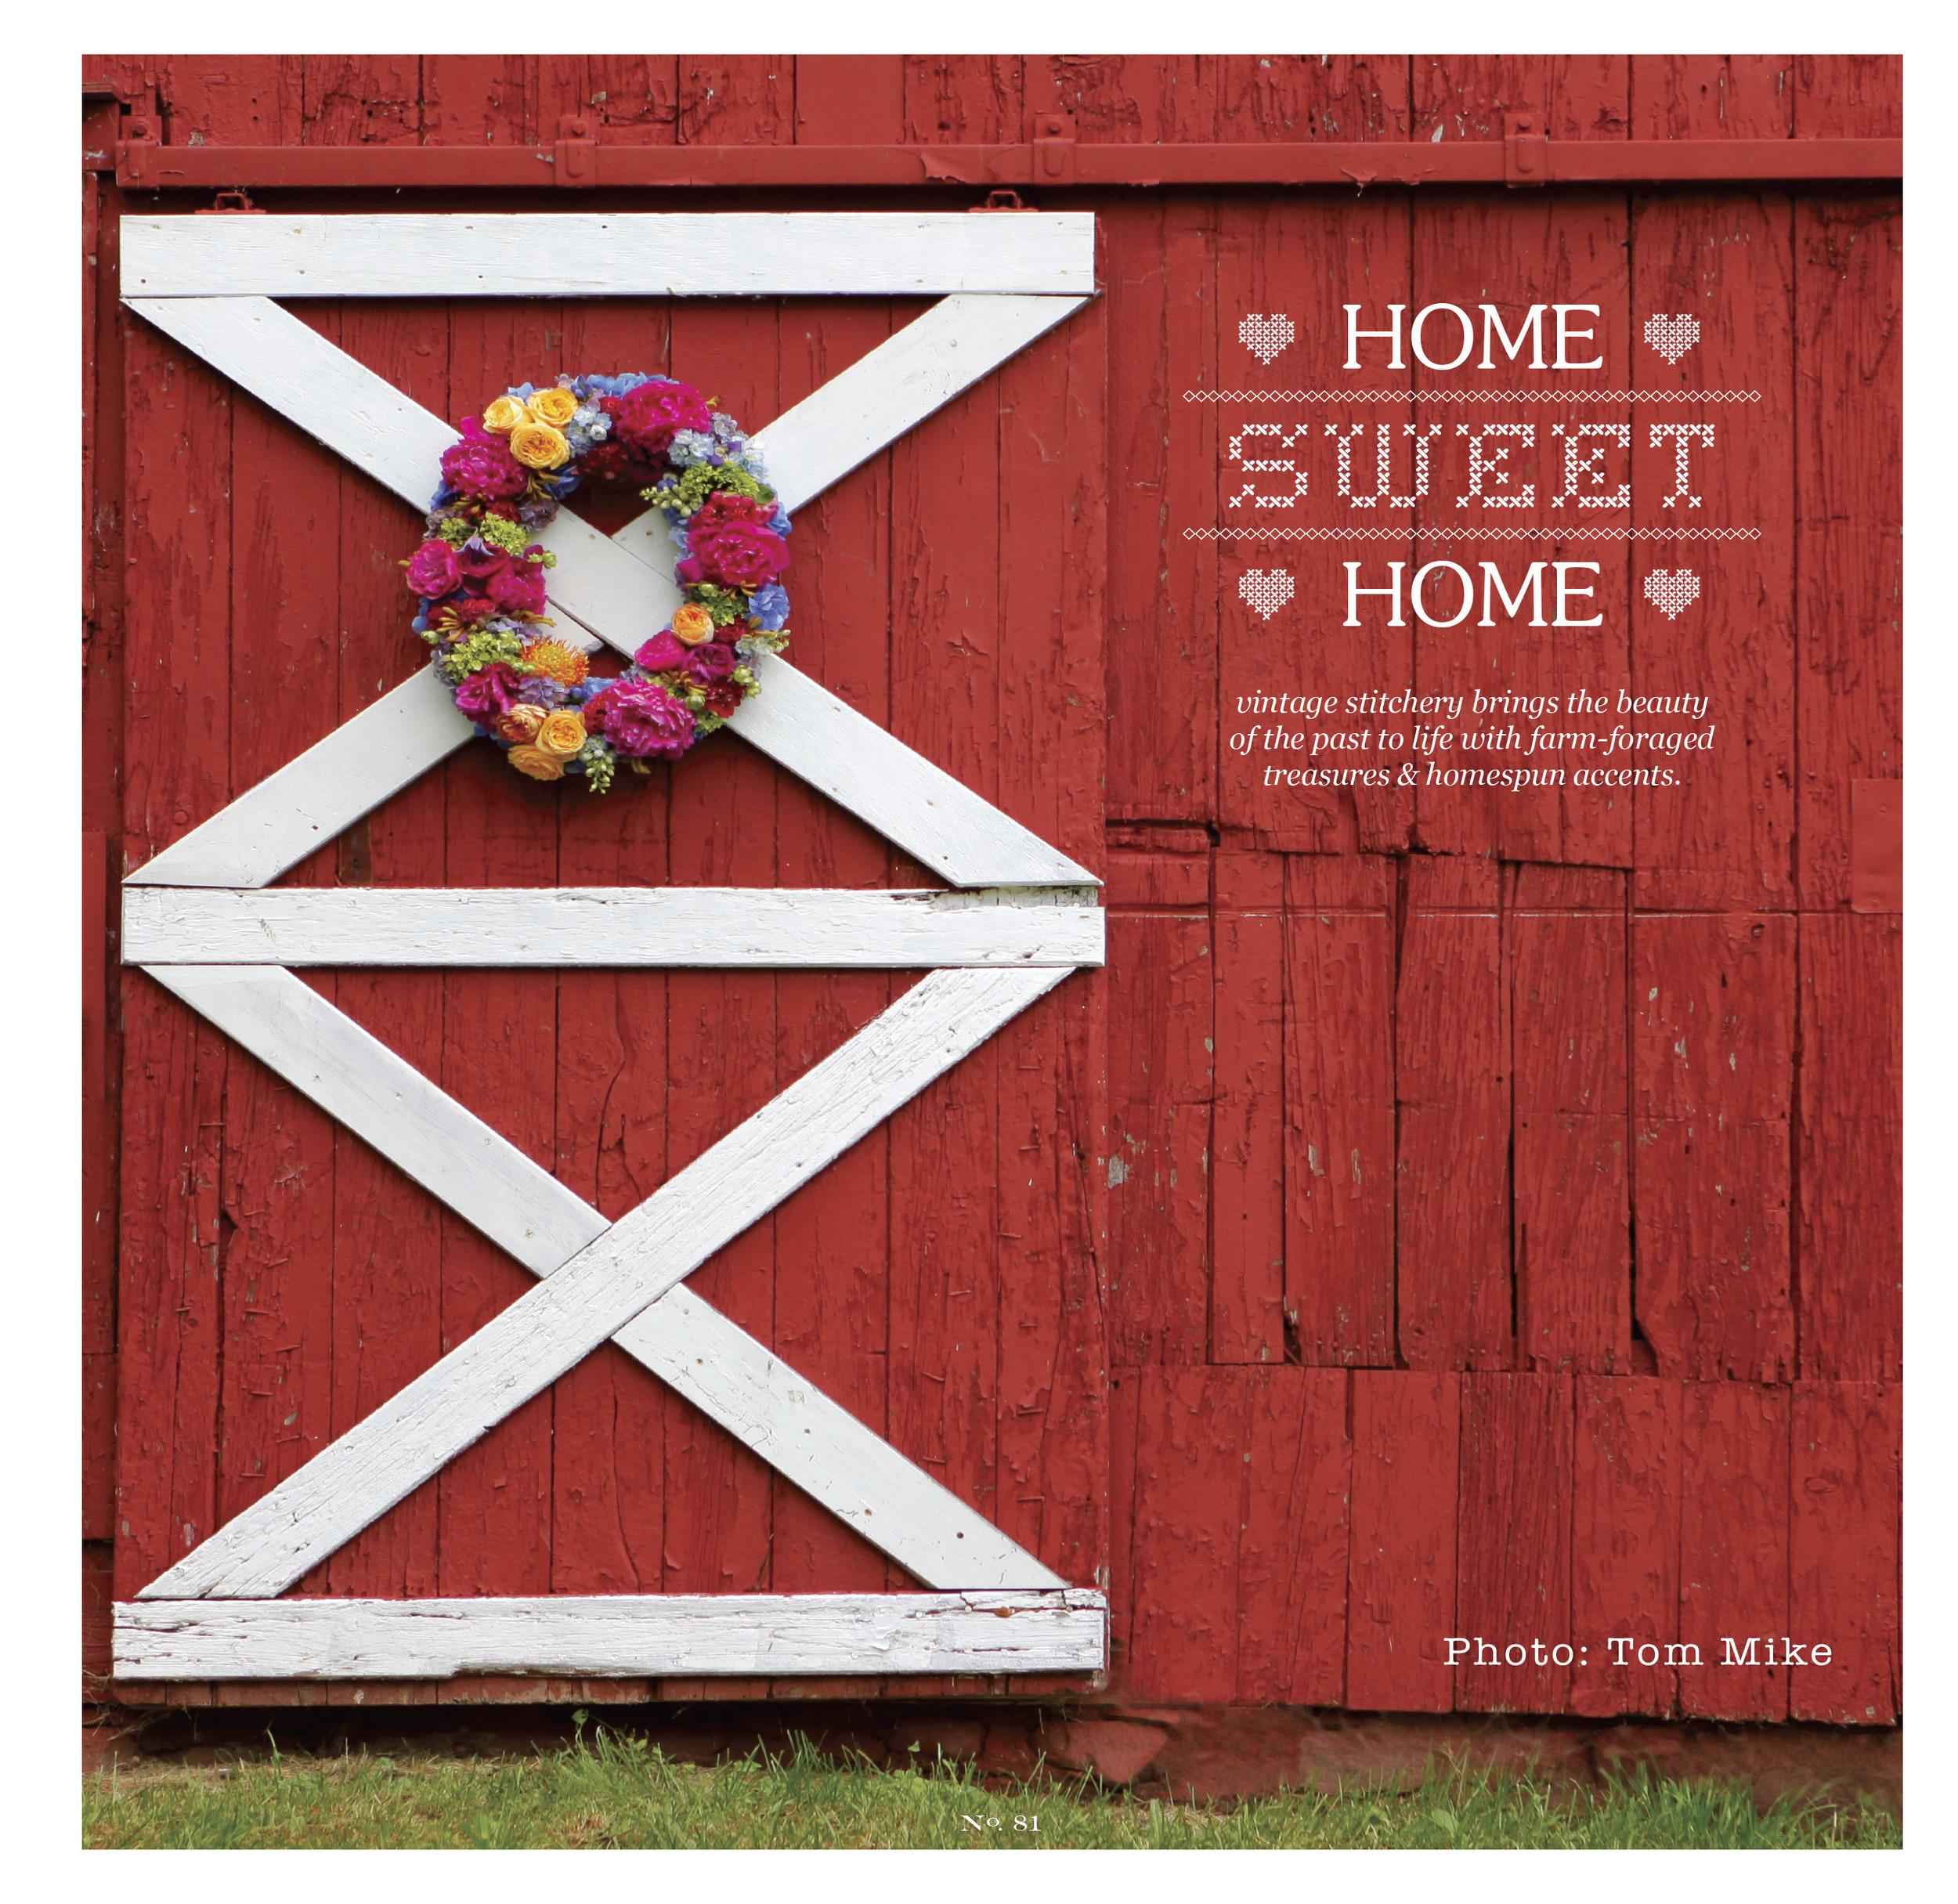 WELLWED_NEWYORK_ISSUE13_HOME_SWEET_HOME-1.JPG